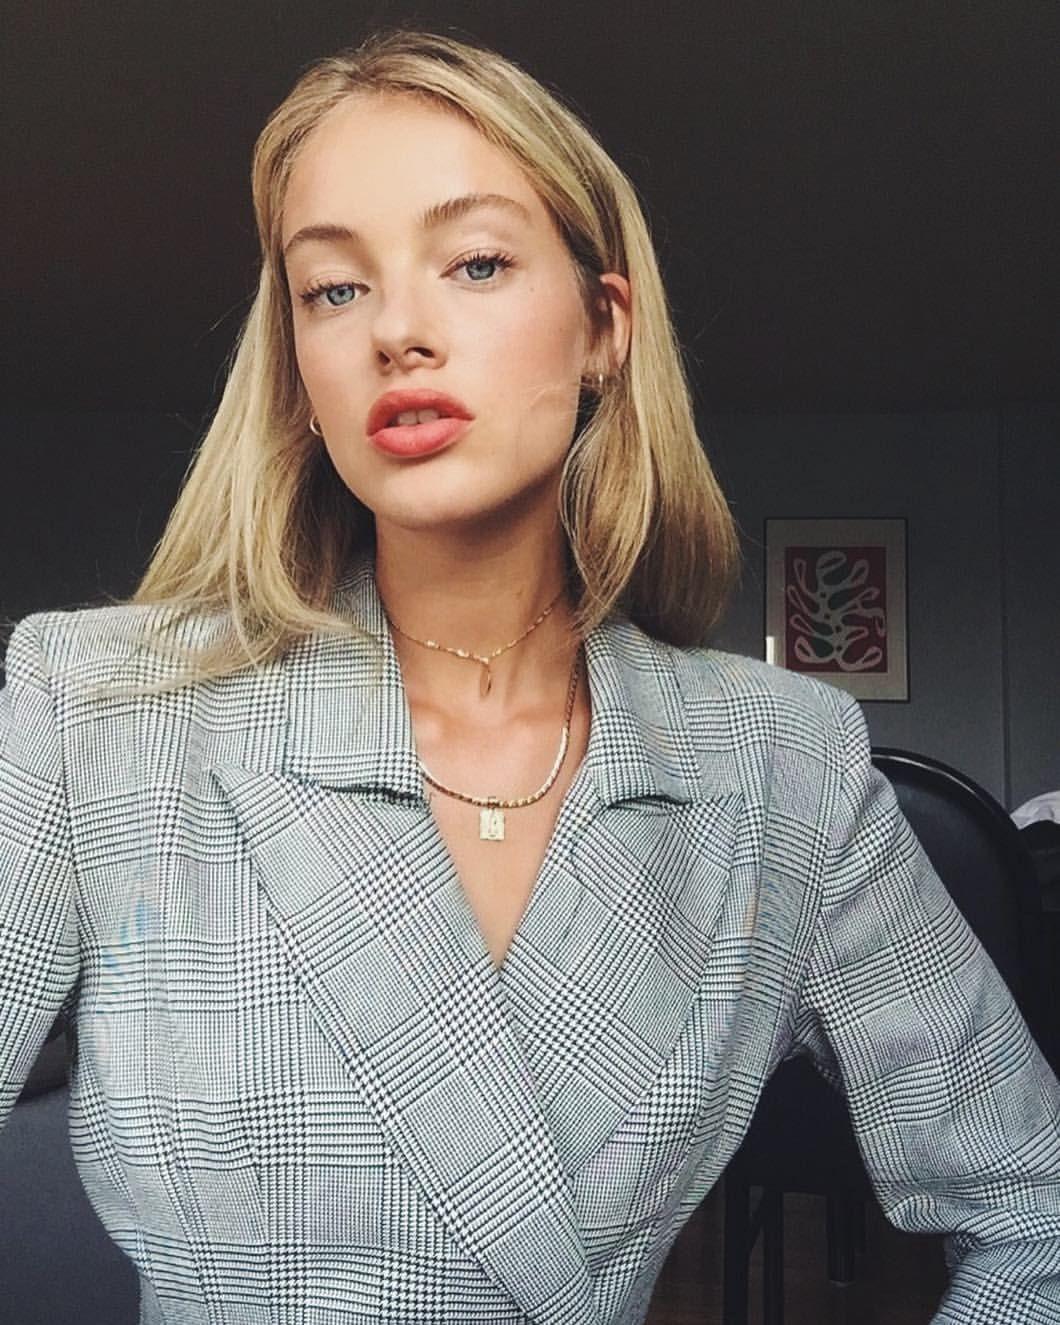 Selfie Lucette van Beek nudes (37 photos), Pussy, Cleavage, Twitter, lingerie 2019